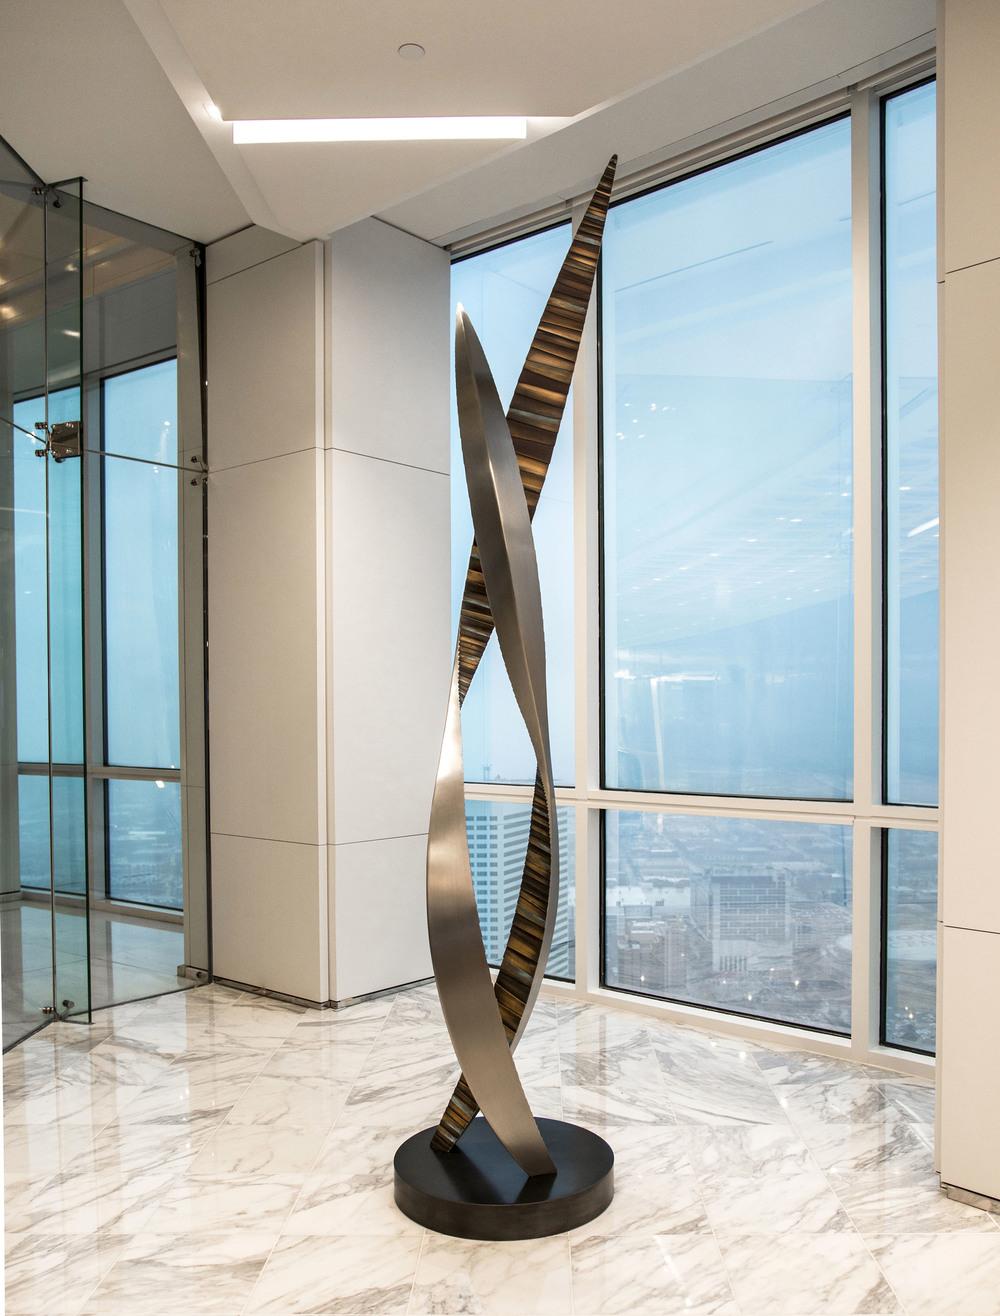 Grasps , Bronze & Stainless Steel, 10' x 2' x 2', 2015